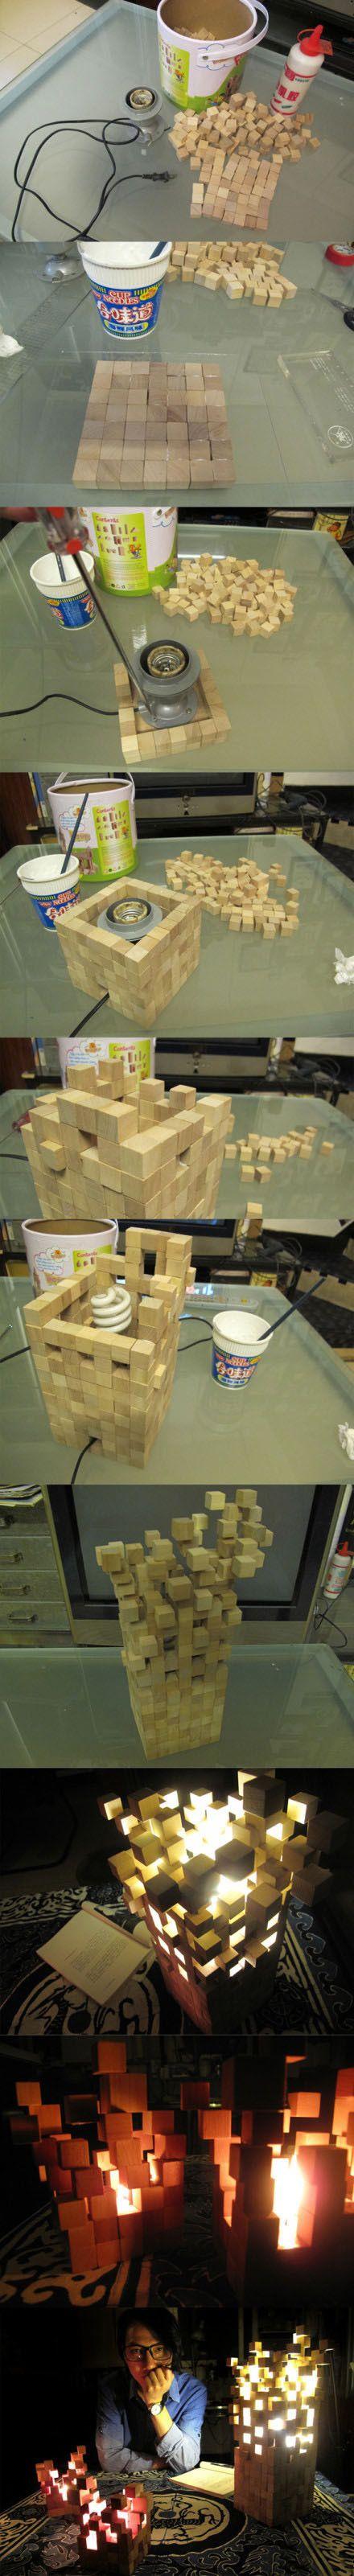 Nice idea for my geek friends :)